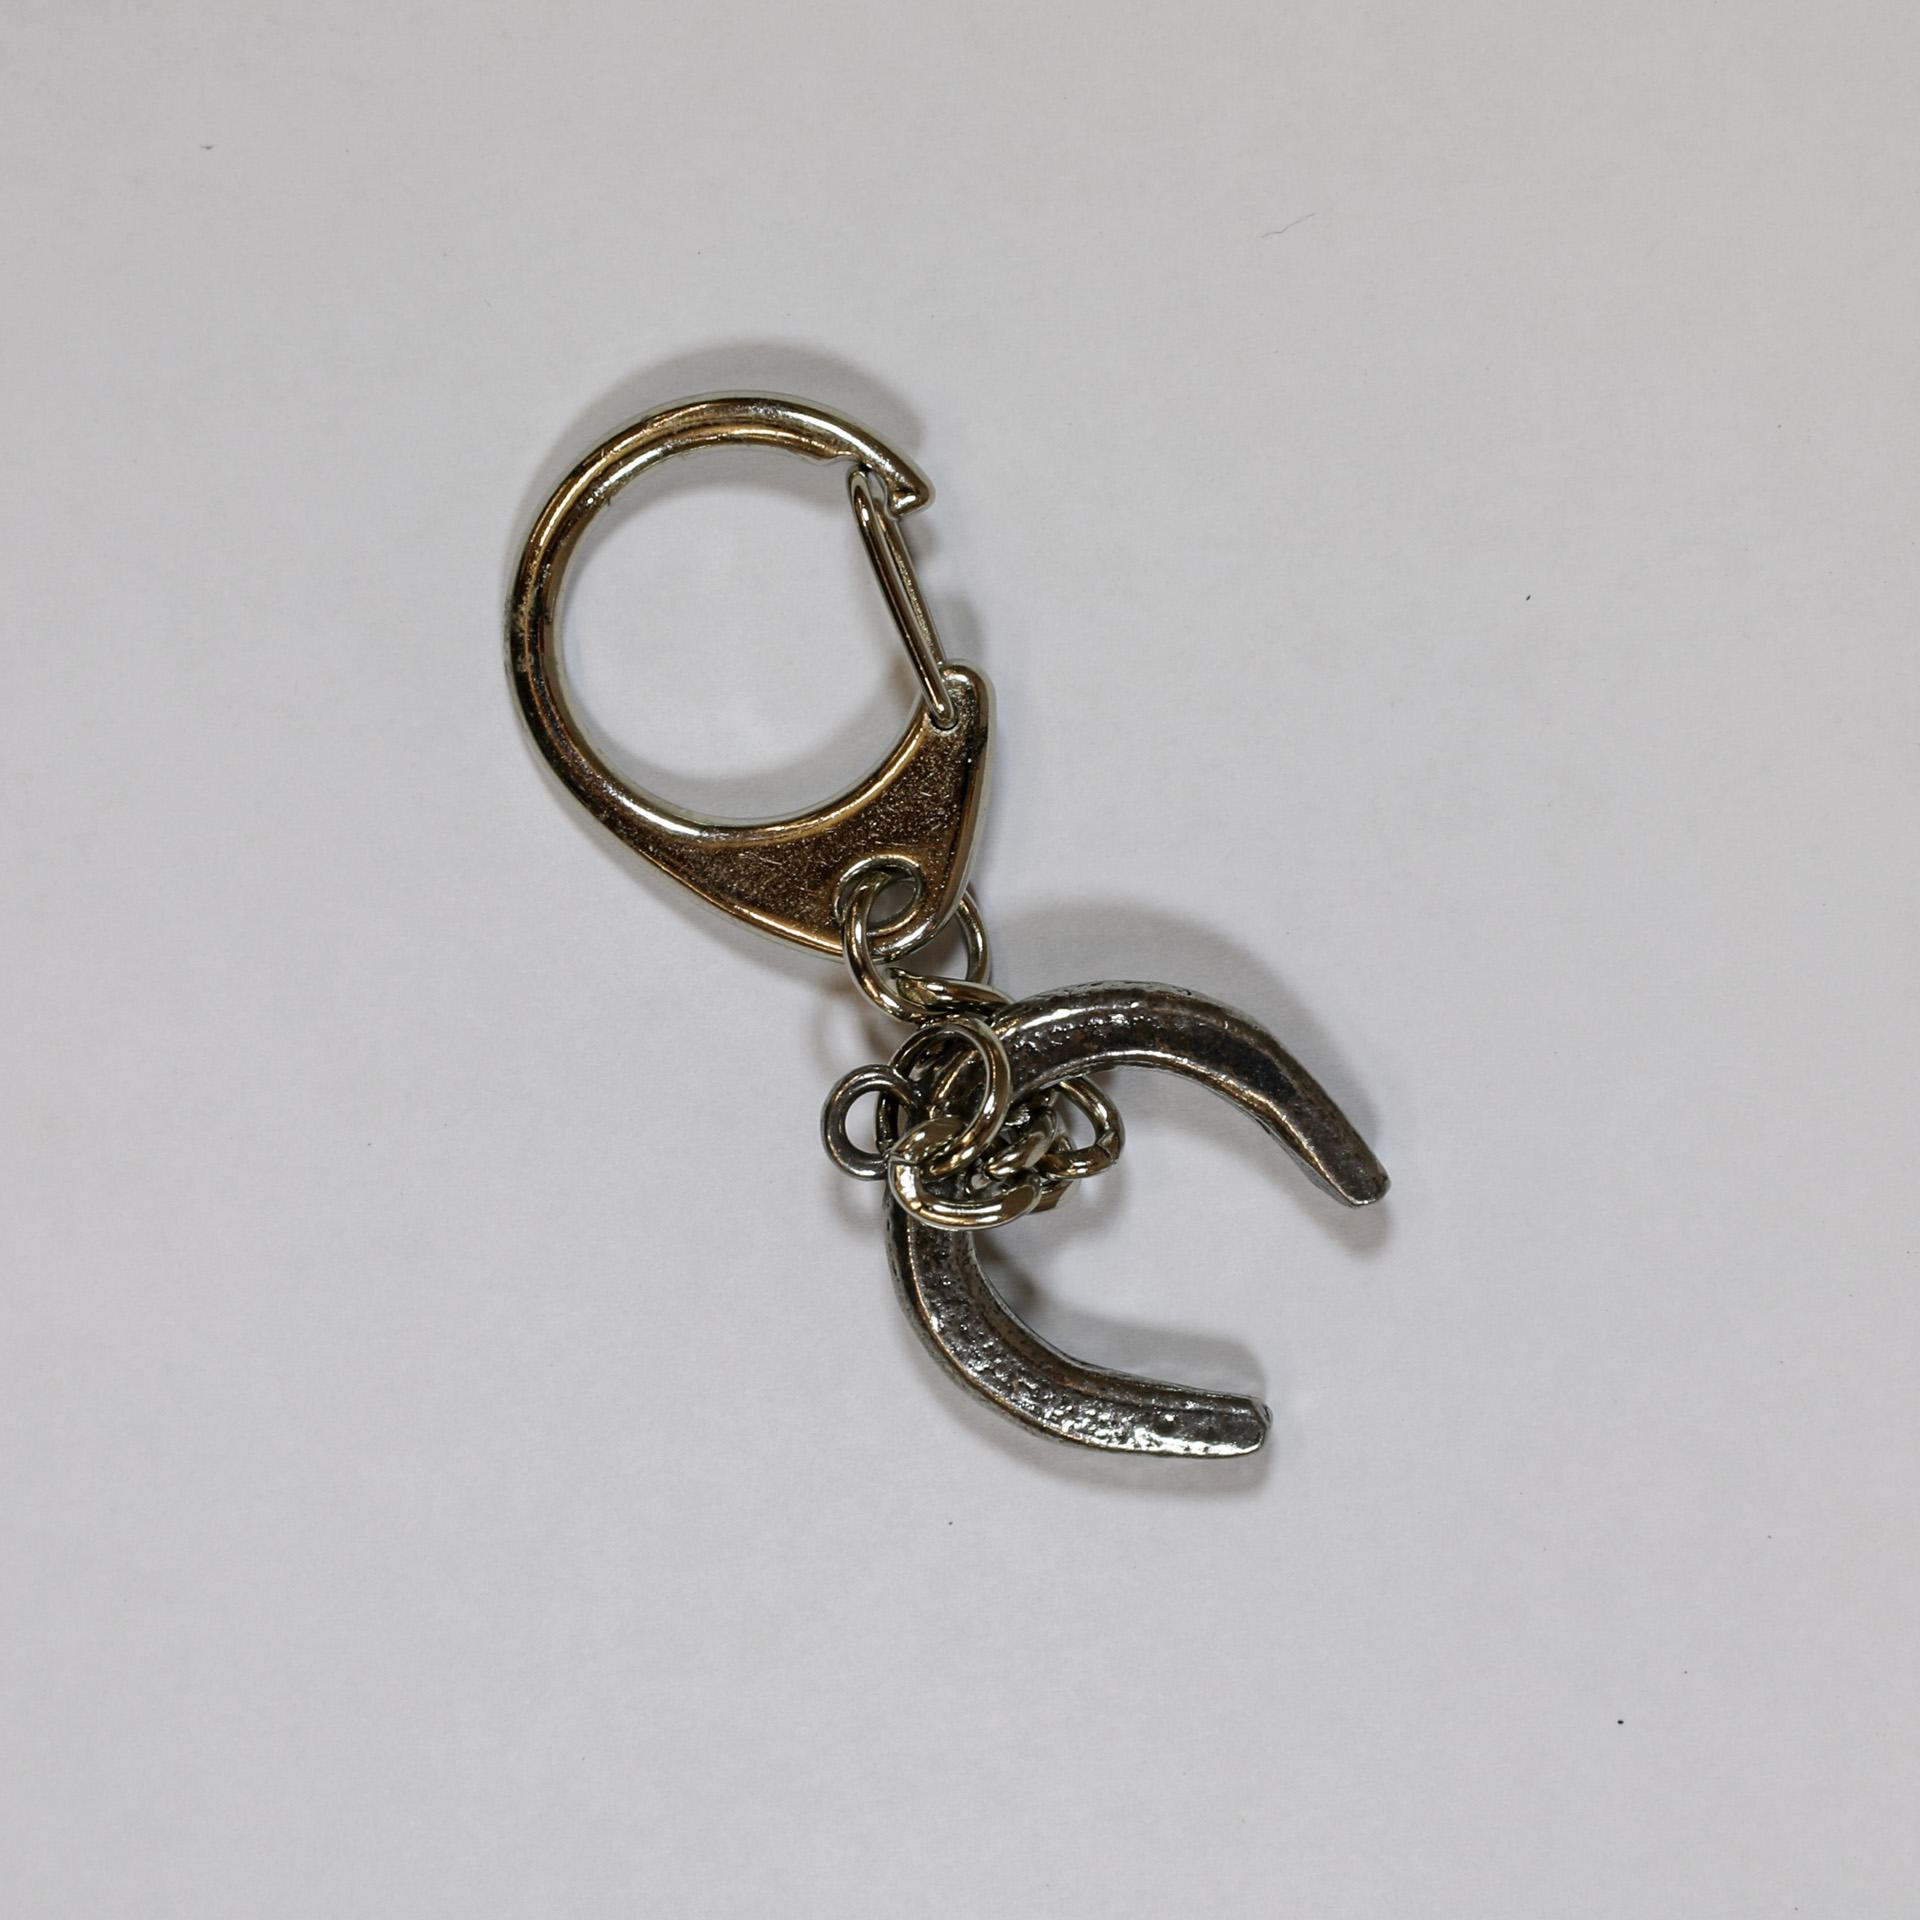 Horseshoe key ring